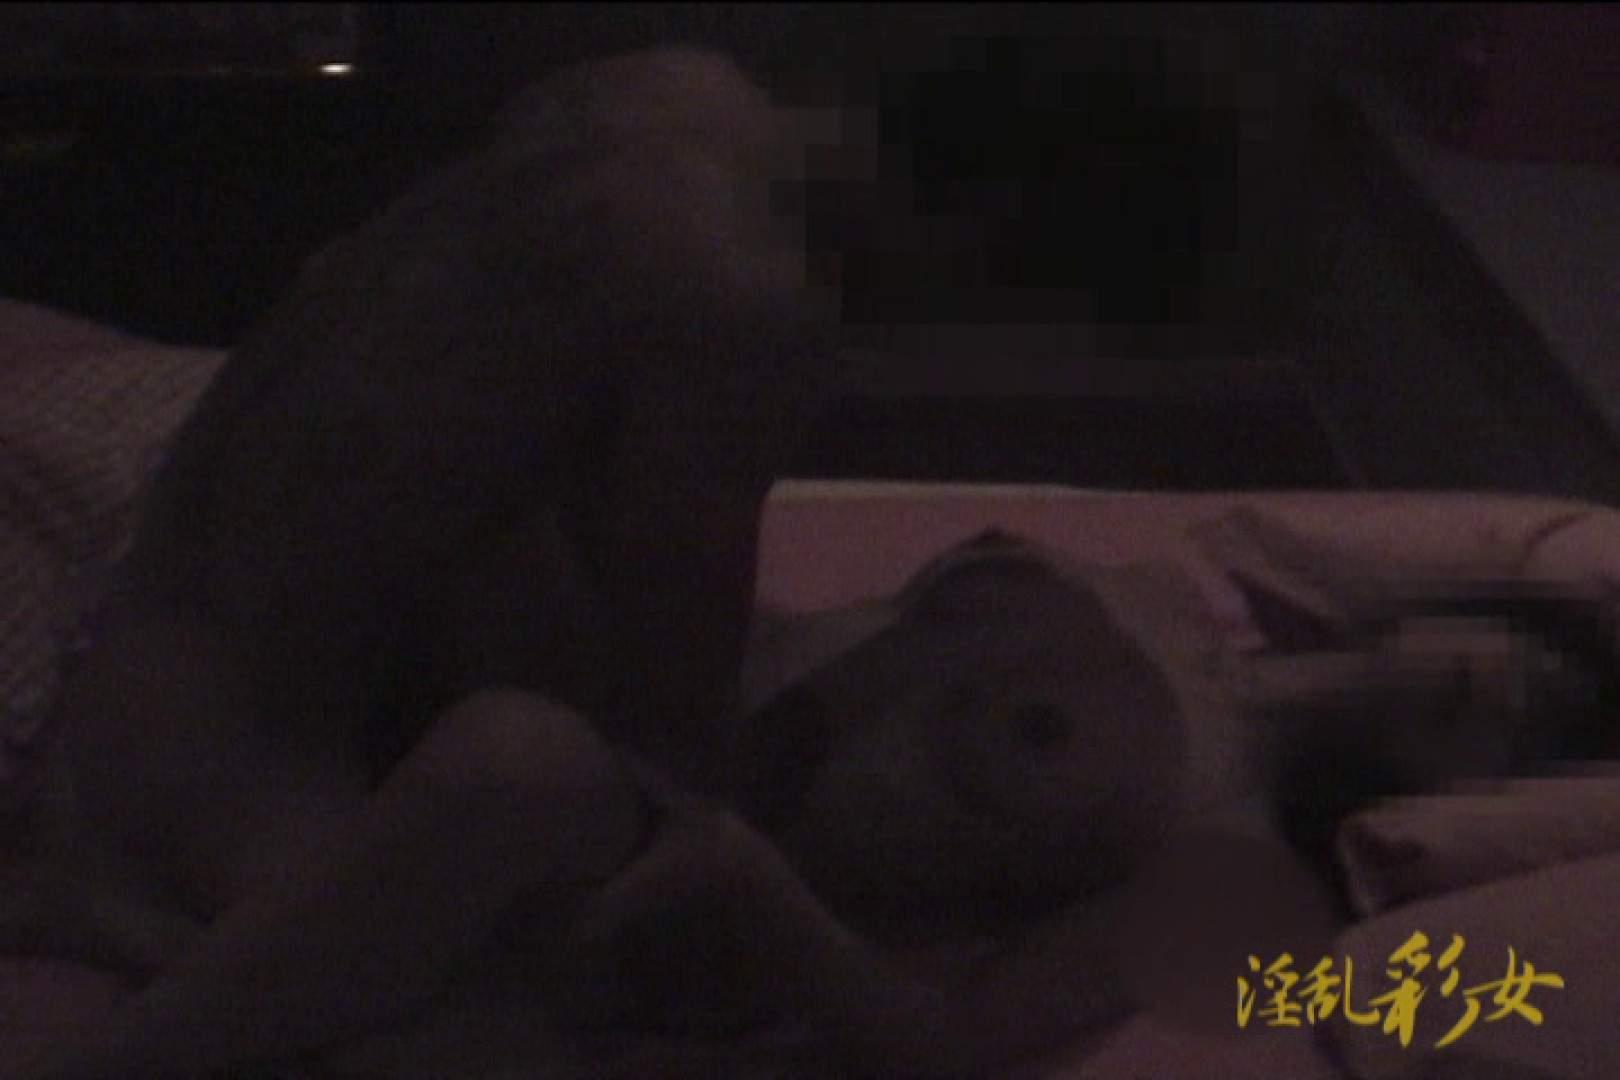 淫乱彩女 麻優里 旦那の前で王様ゲーム SEX映像 濡れ場動画紹介 112pic 107